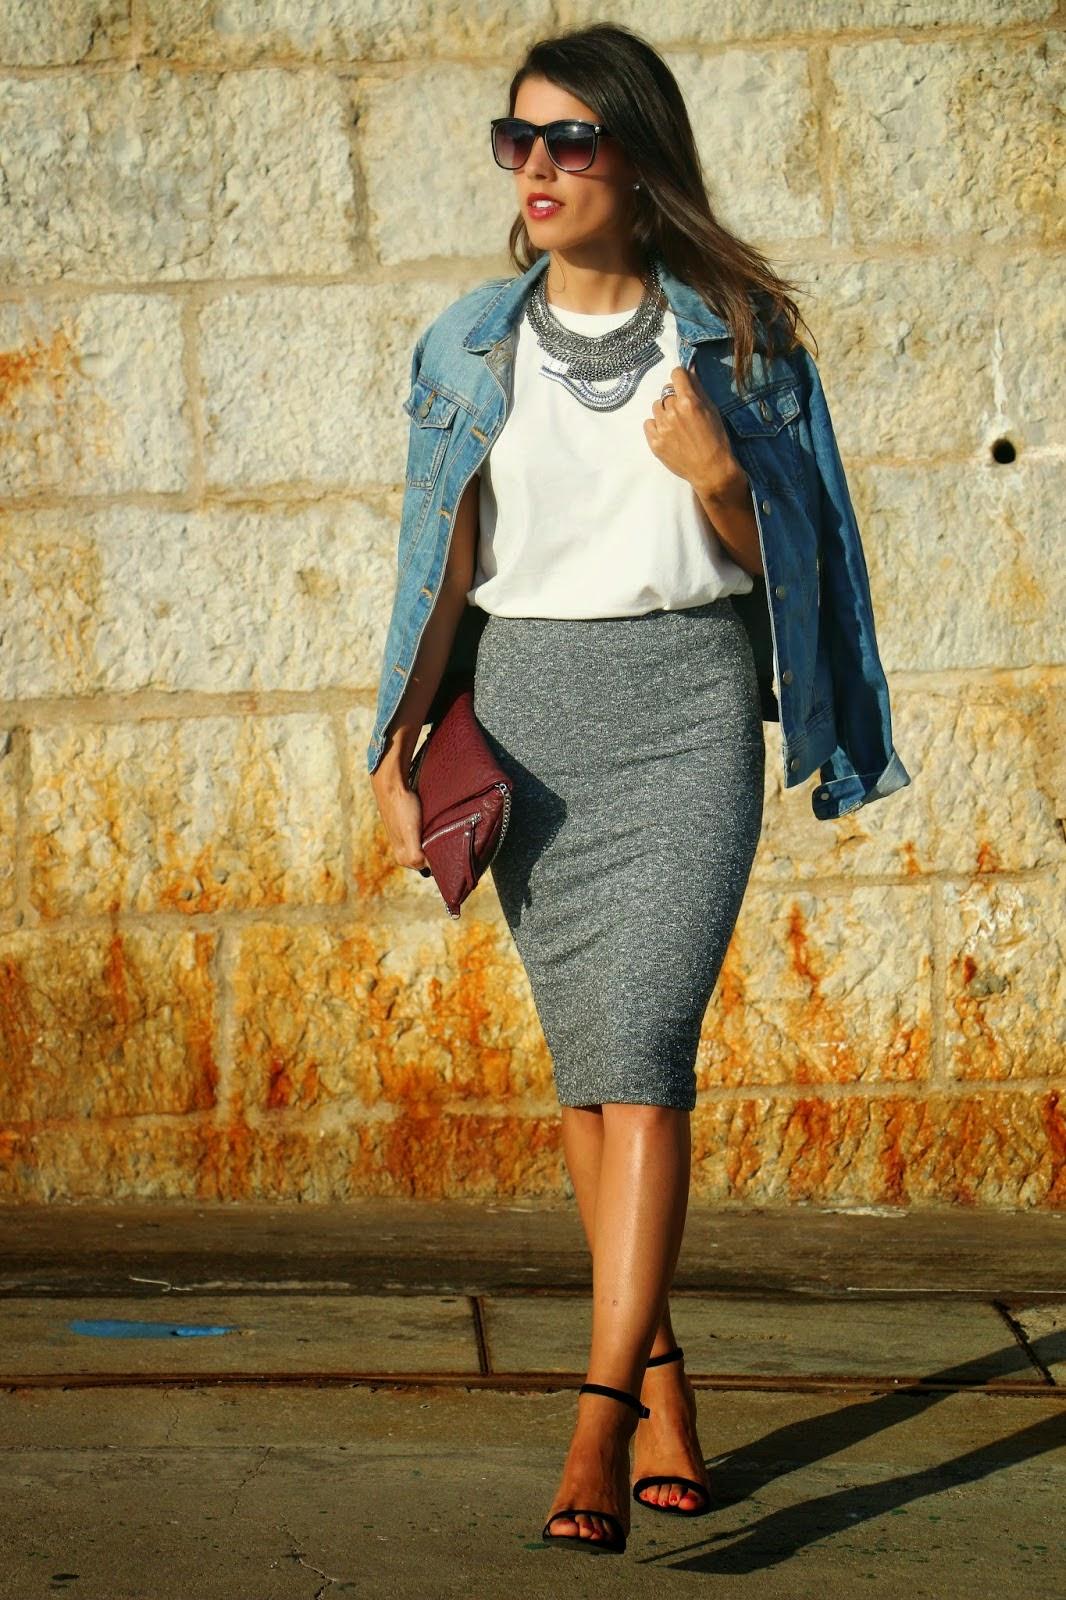 http://ilovefitametrica.blogspot.pt/2014/09/midi-skirt-vs-white-t-shirt.html